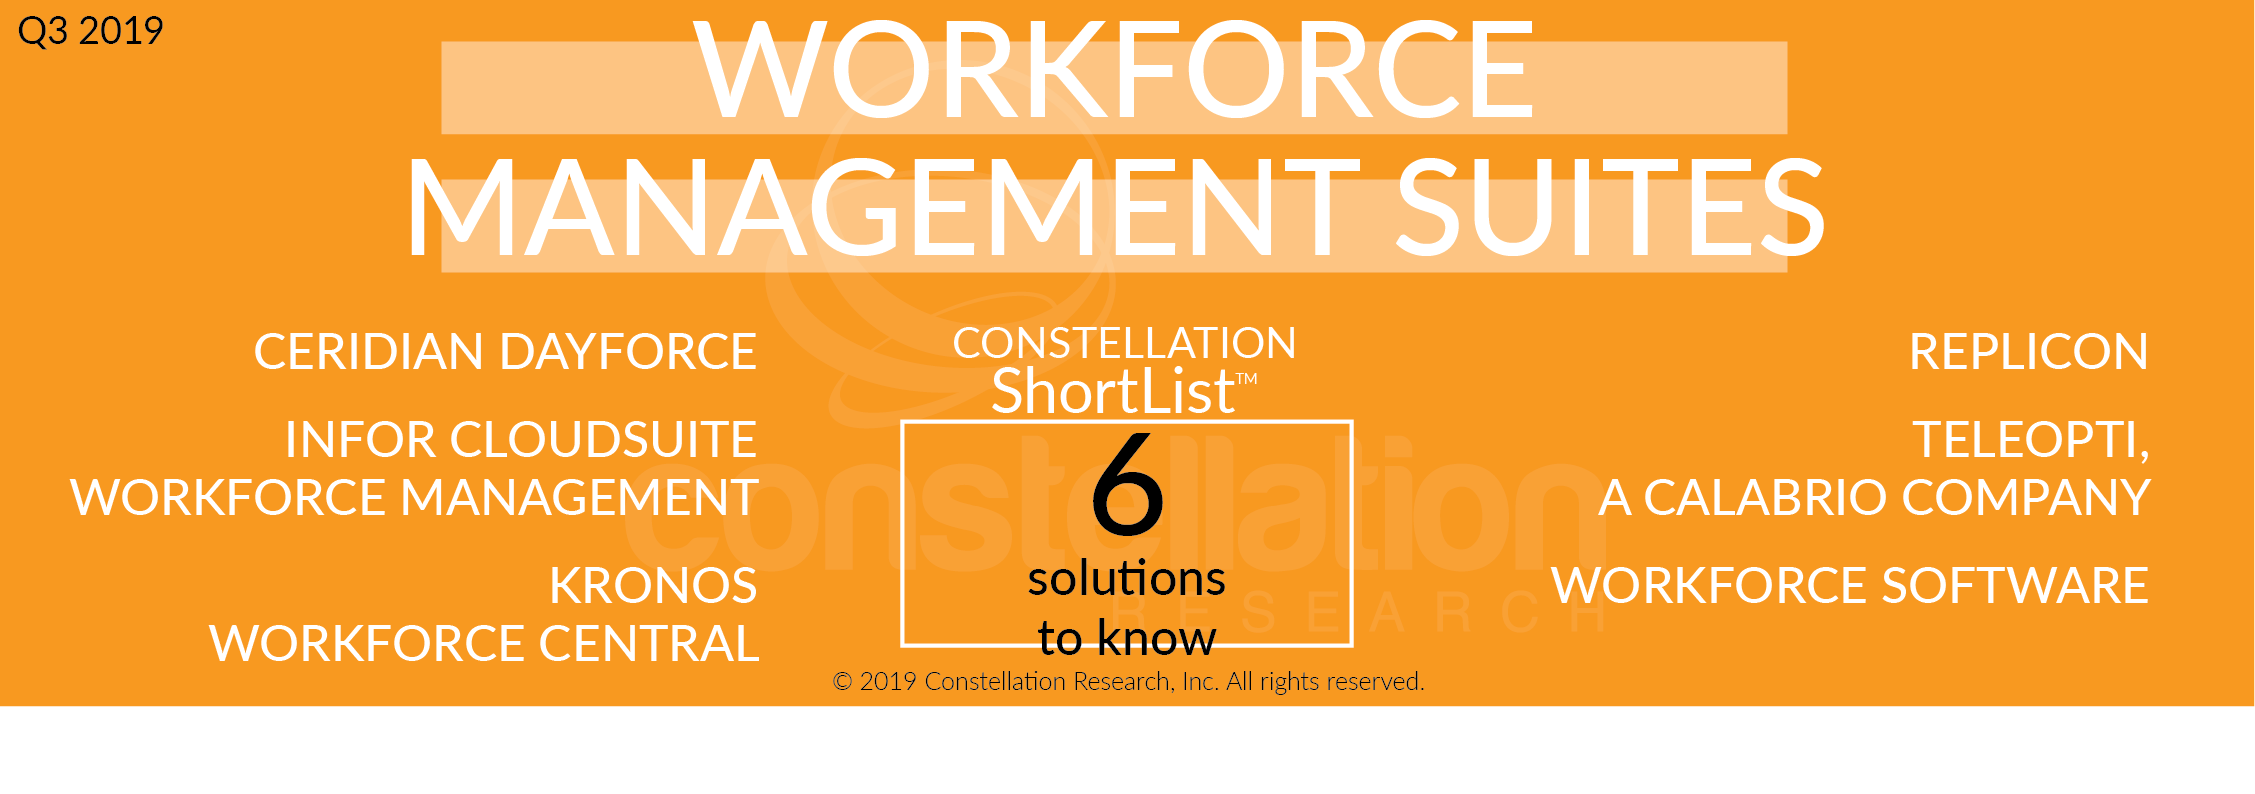 Constellation ShortList™ Workforce Management Suites